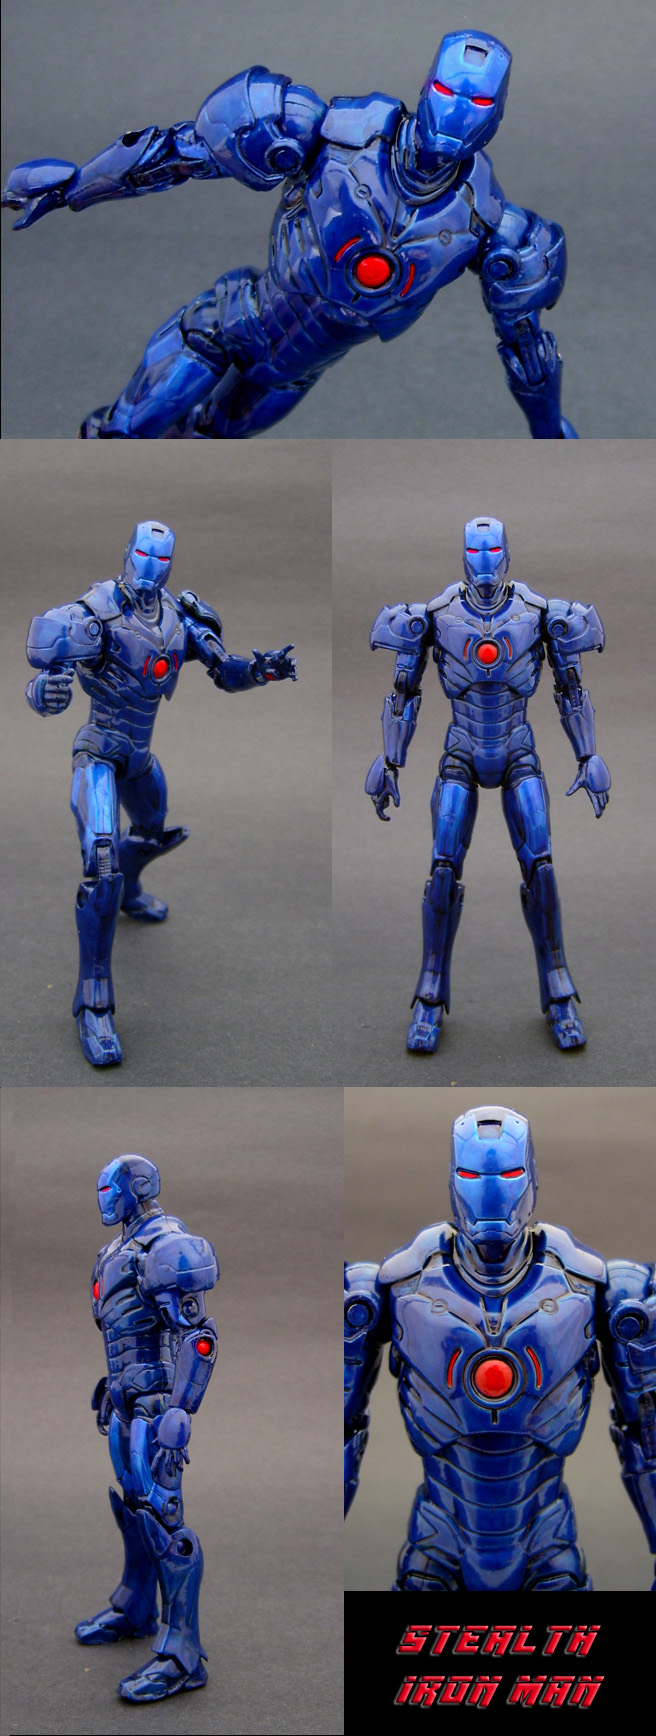 Movie Stealth Iron Man